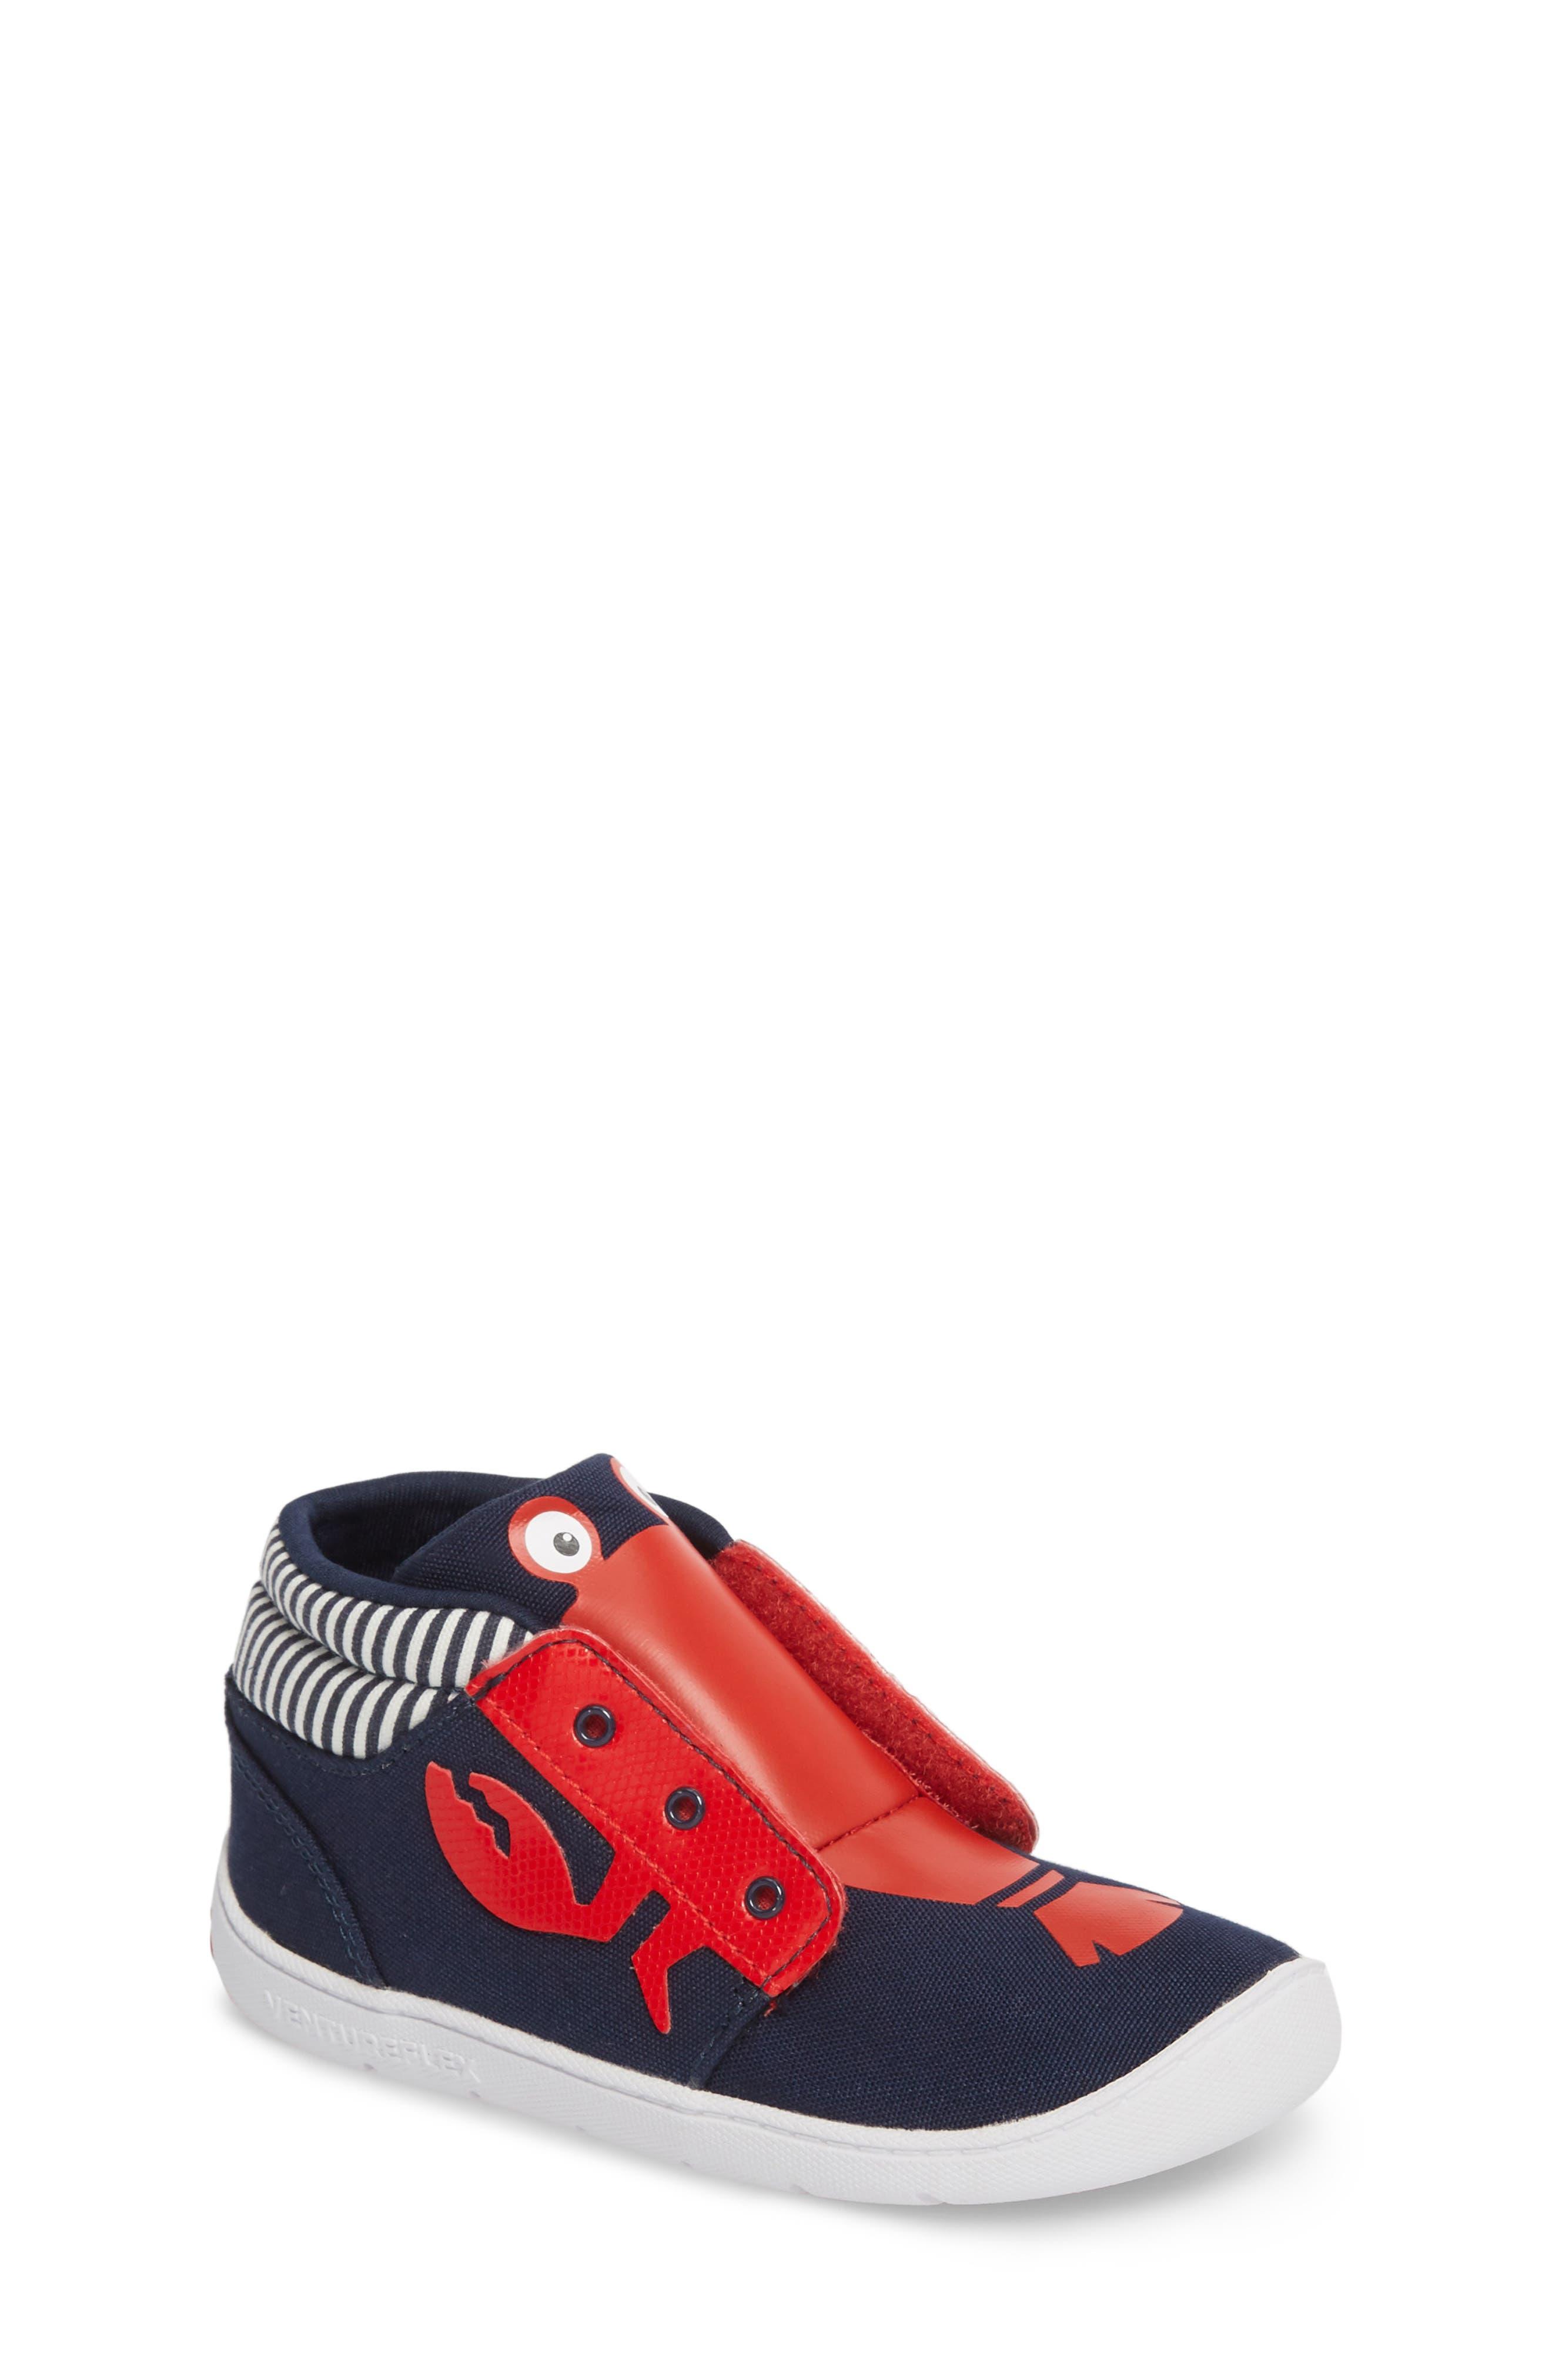 Ventureflex High Top Critter Sneaker,                         Main,                         color, 400